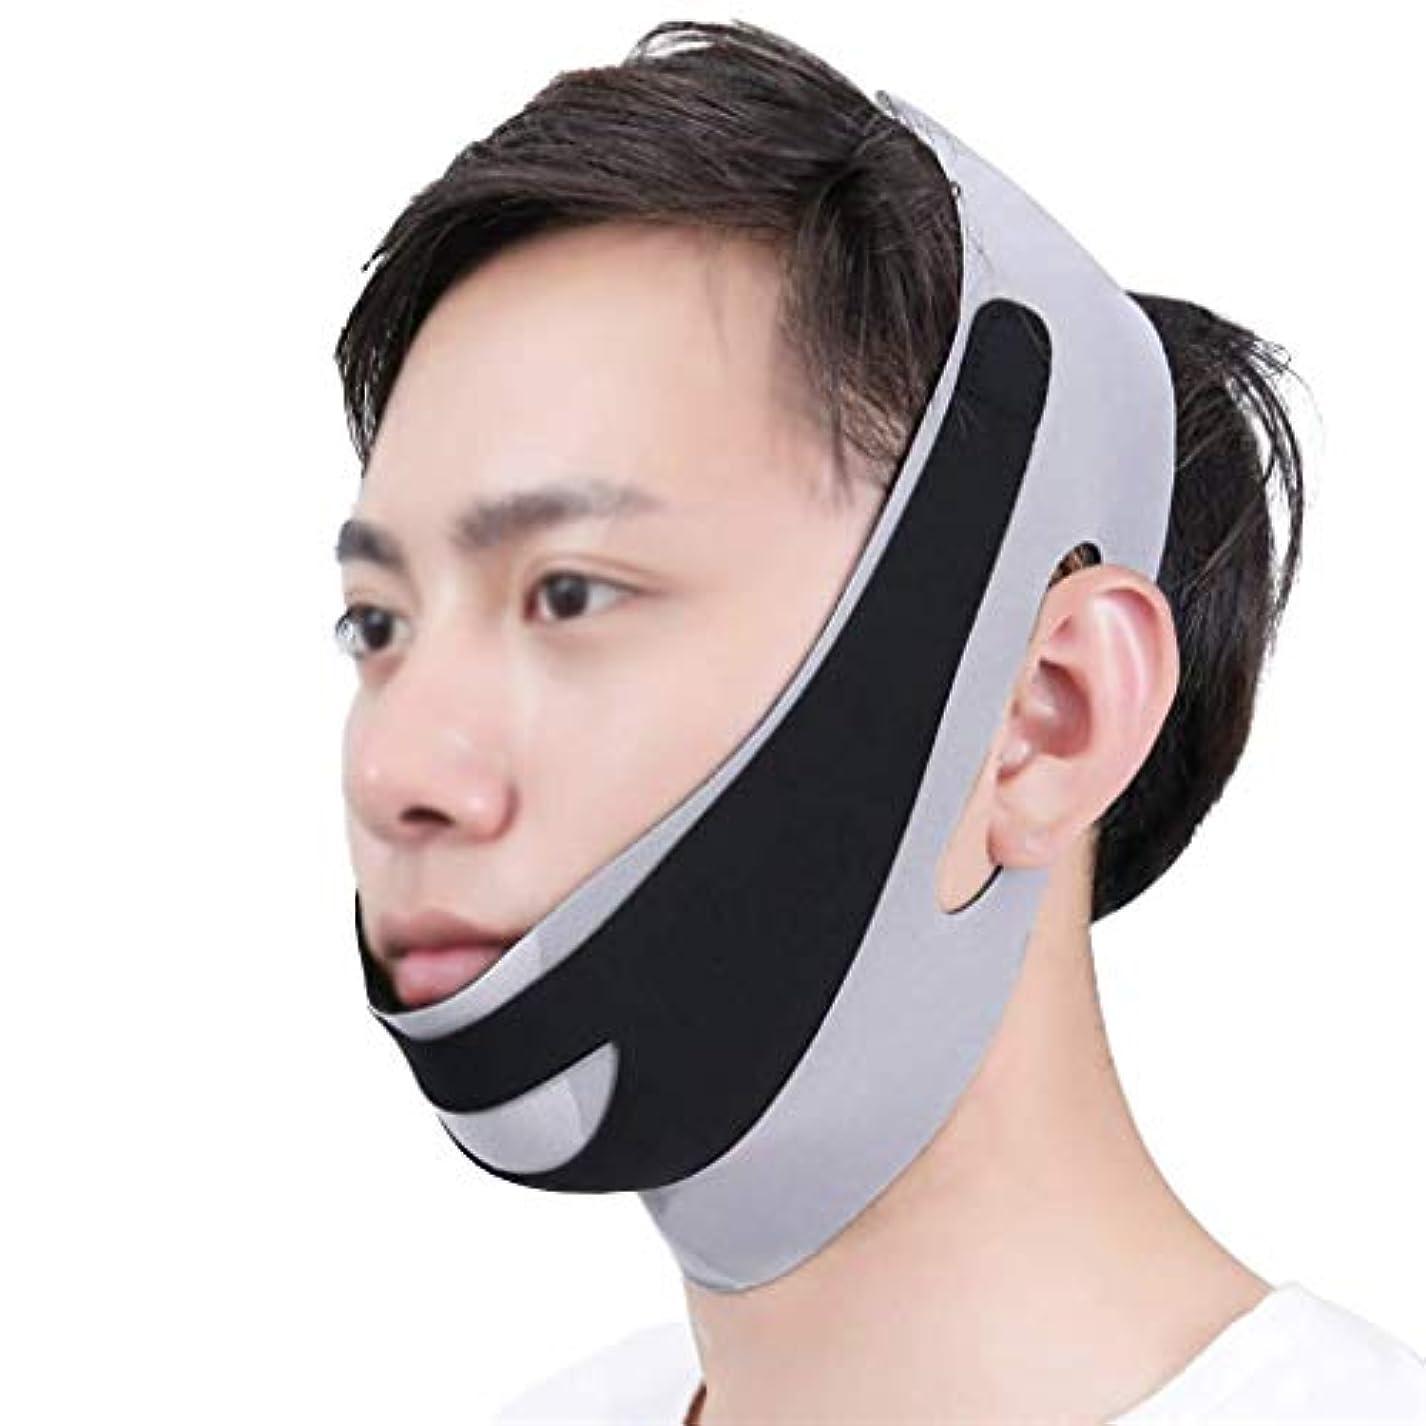 優しい保持する広告するフェイスアンドネックリフト術後弾性フェイスマスク小さなV顔アーティファクト薄い顔包帯アーティファクトV顔ぶら下げ耳リフティング引き締め男性の顔アーティファクト